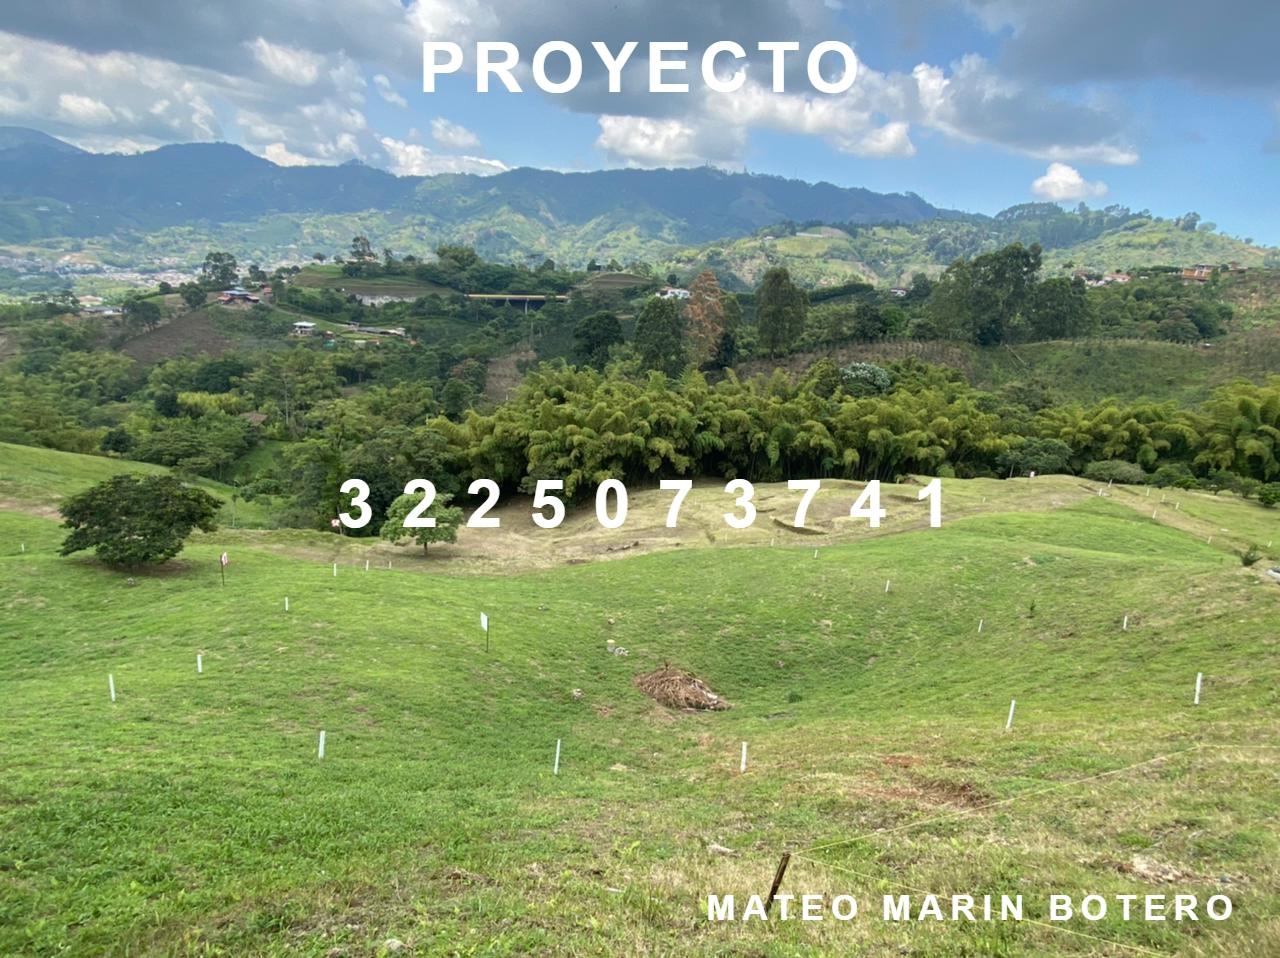 PV-0050 Proyecto Horizontes, Cabañas y lotes campestres P.H.